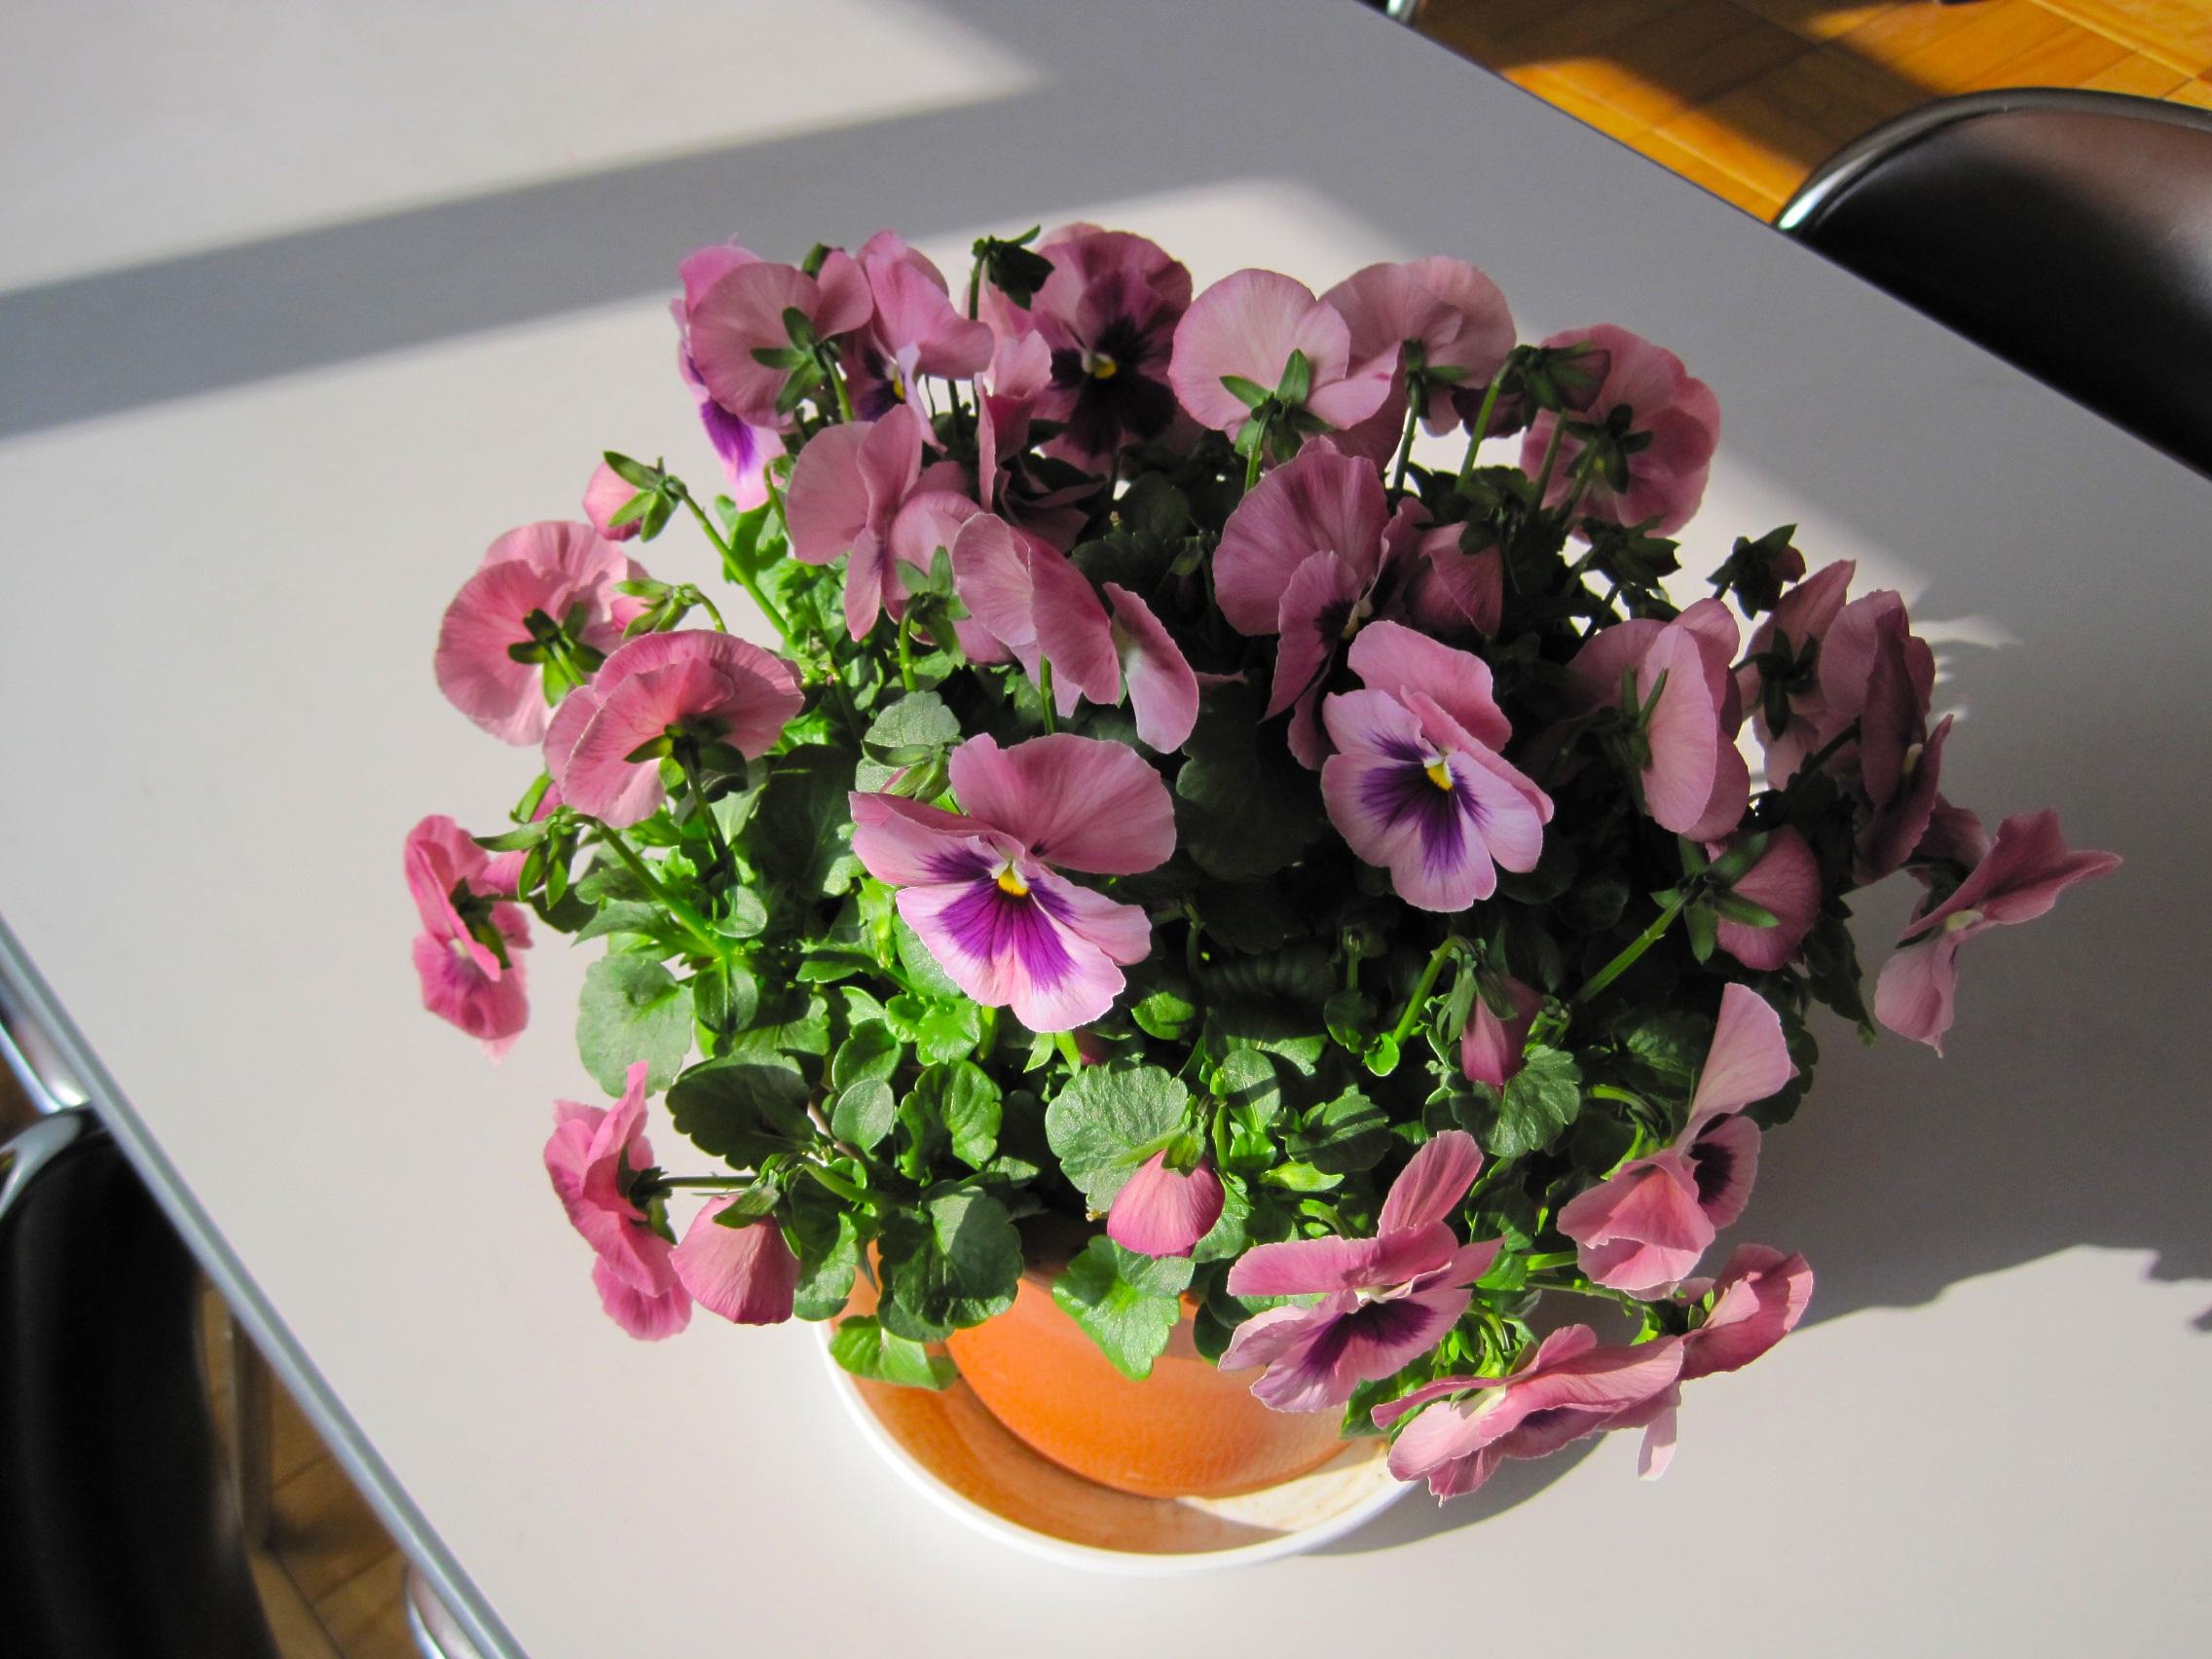 Free Images : purple, petal, pot, colorful, pink, flora, floristry ...